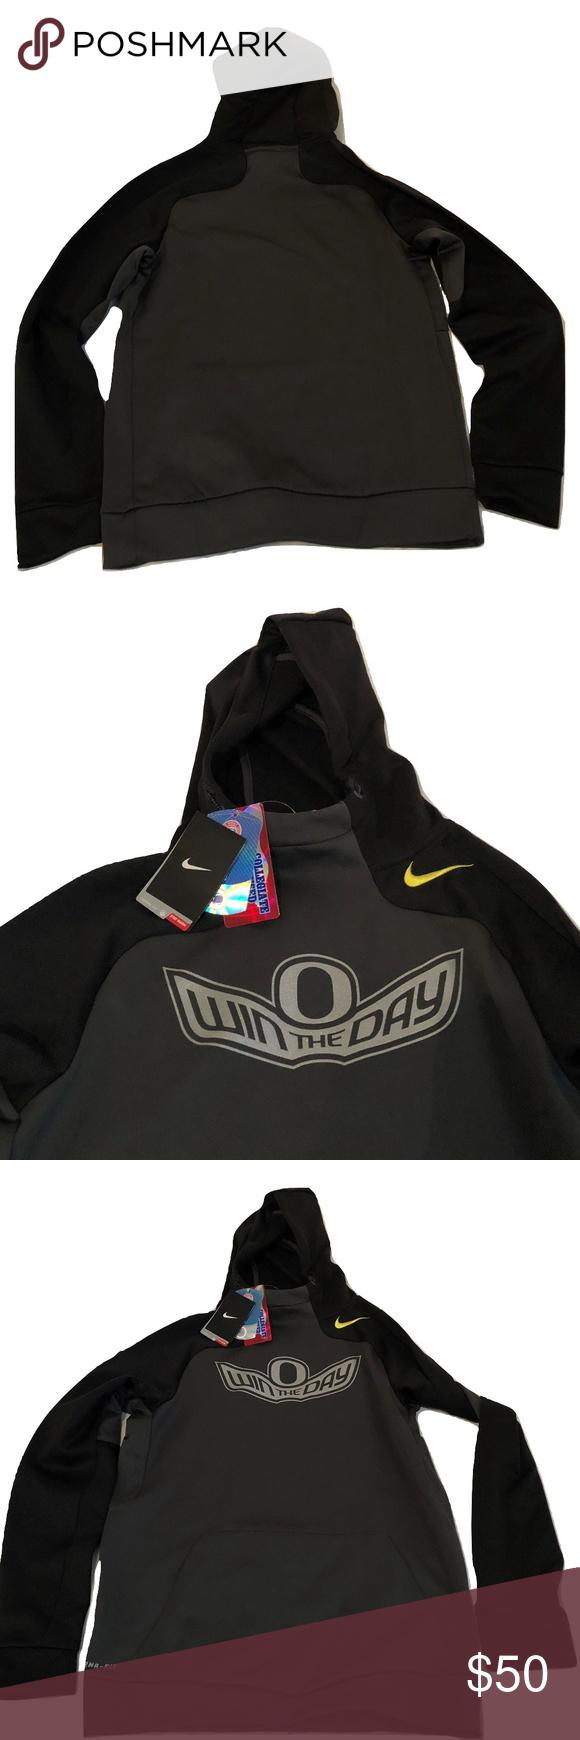 Oregon Ducks Nike Hypespeed Hoodie Sweatshirt Oregon Ducks Nike Therma Fit Hypespeed Win The Day Hooded Swe Sweatshirts Hoodie Sweatshirts Hooded Sweatshirts [ 1740 x 580 Pixel ]